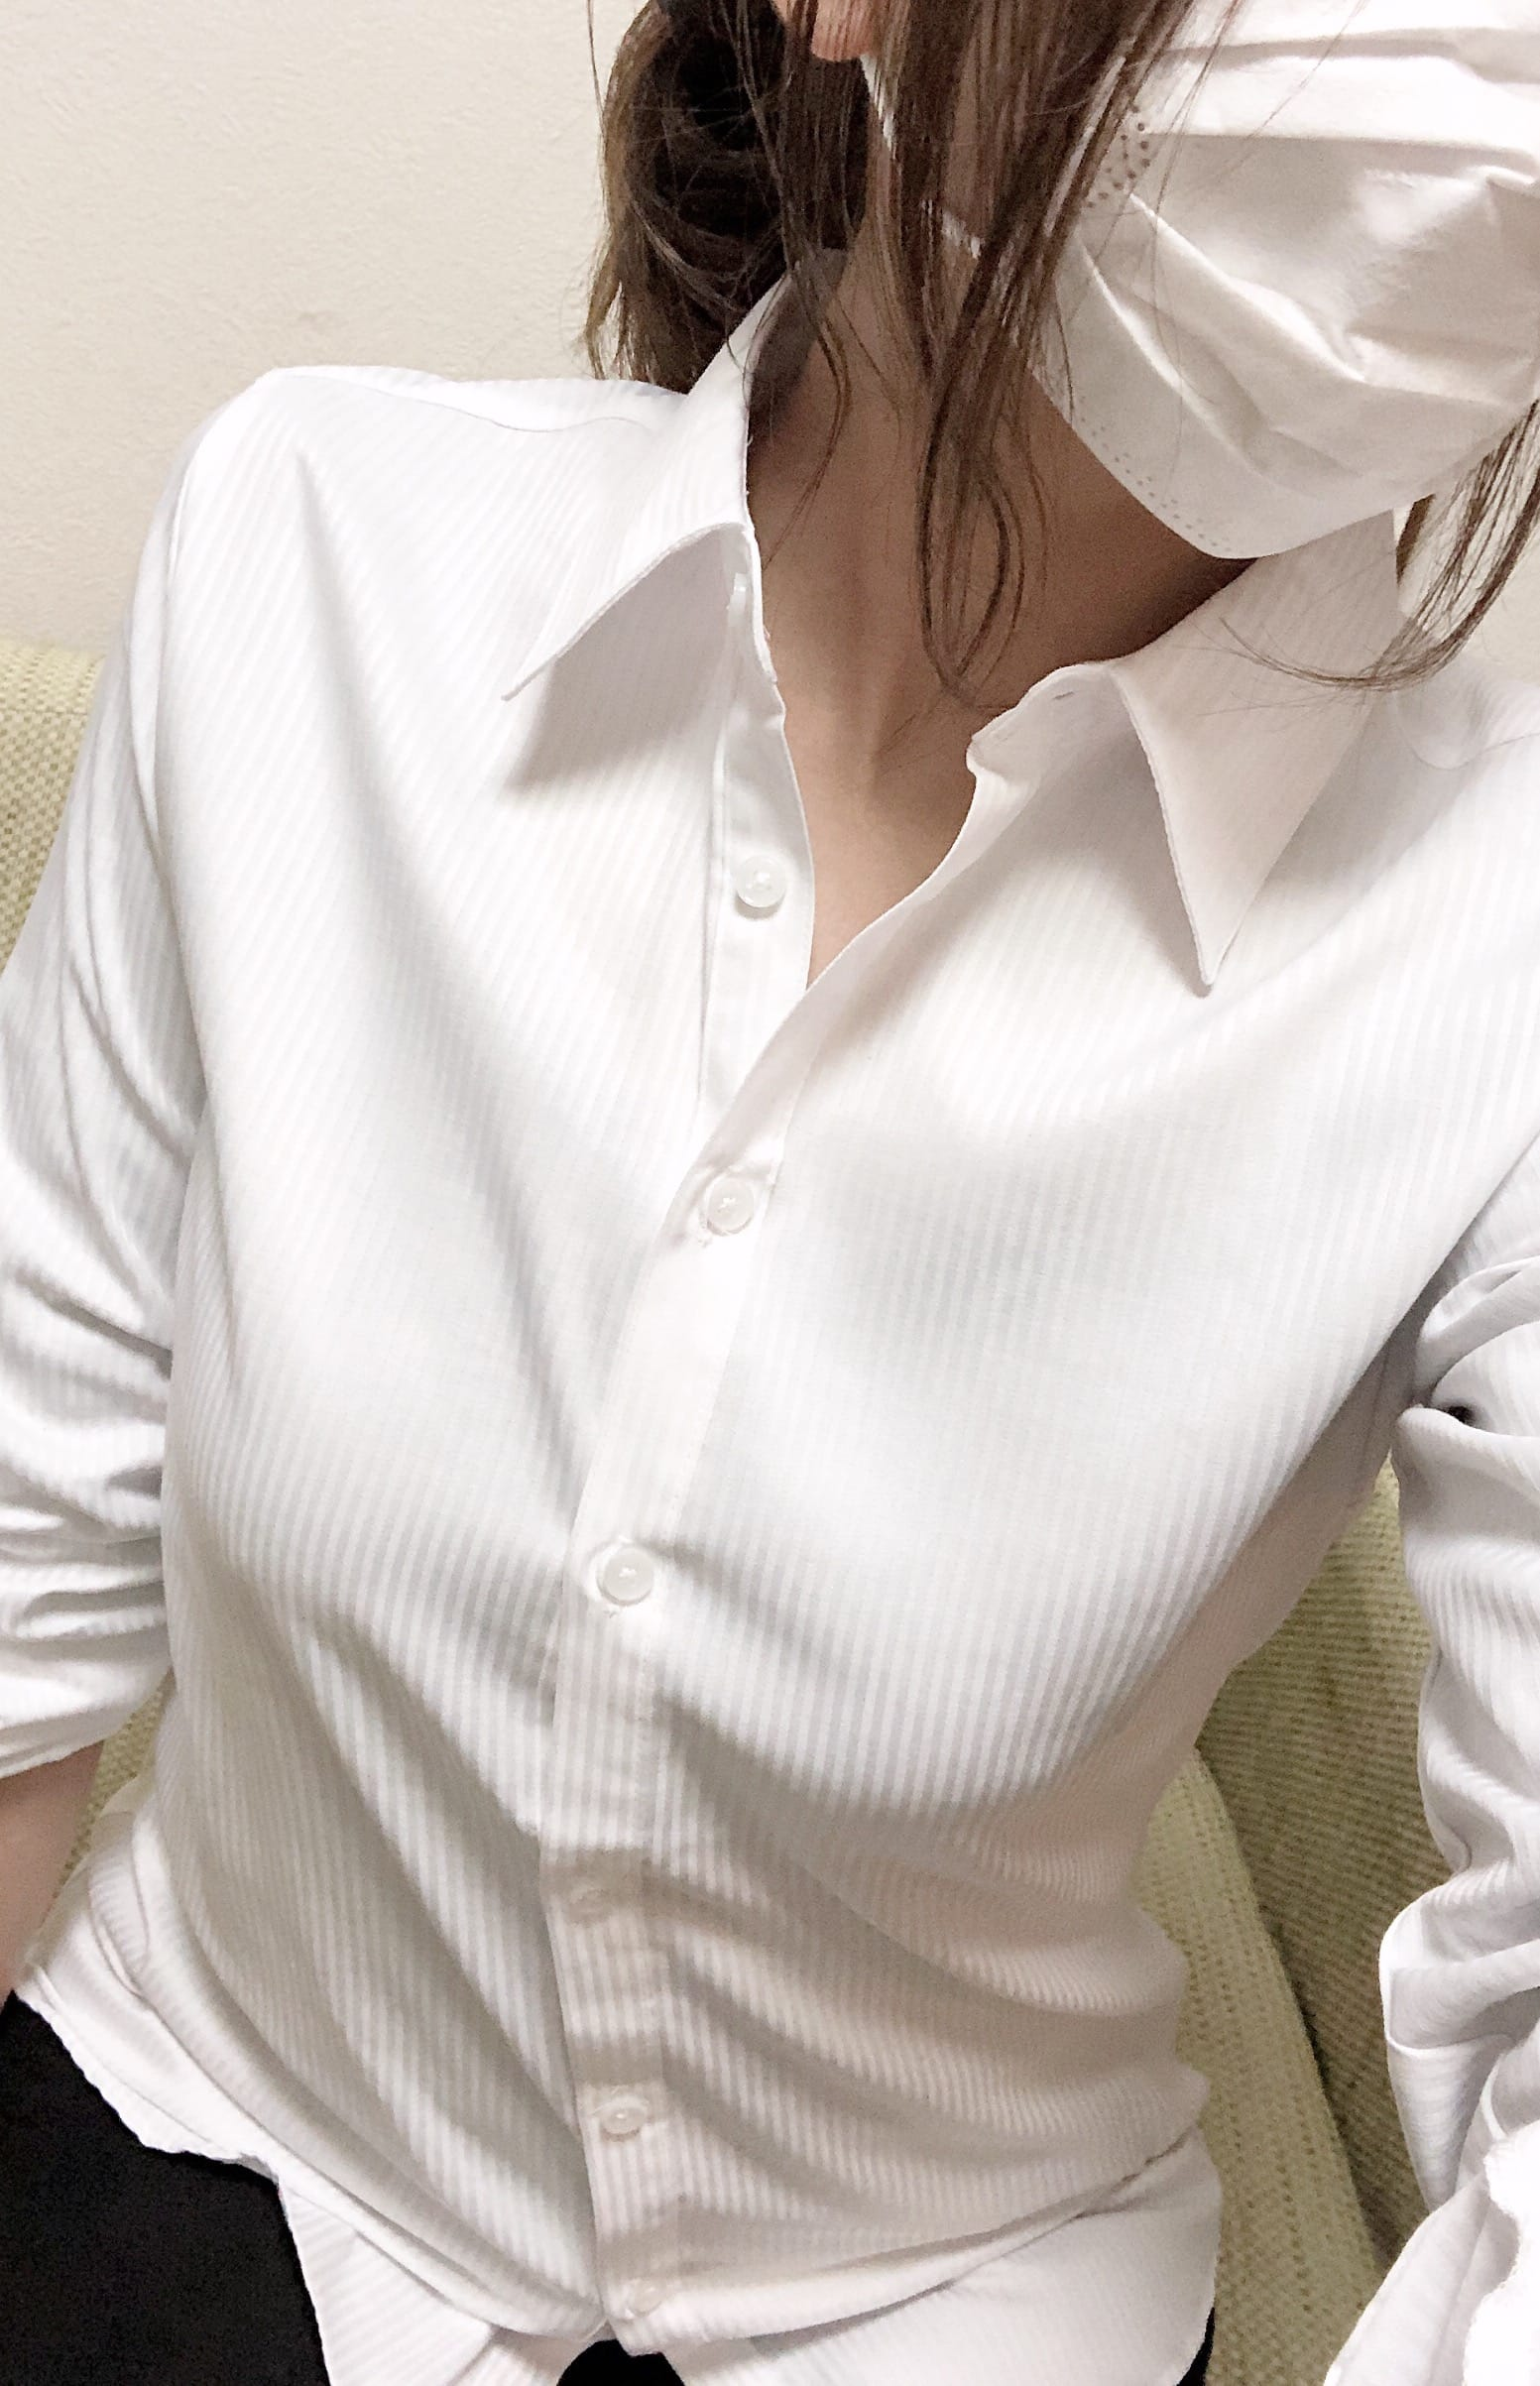 「出勤しました♪」04/19(月) 20:34 | りえの写メ・風俗動画